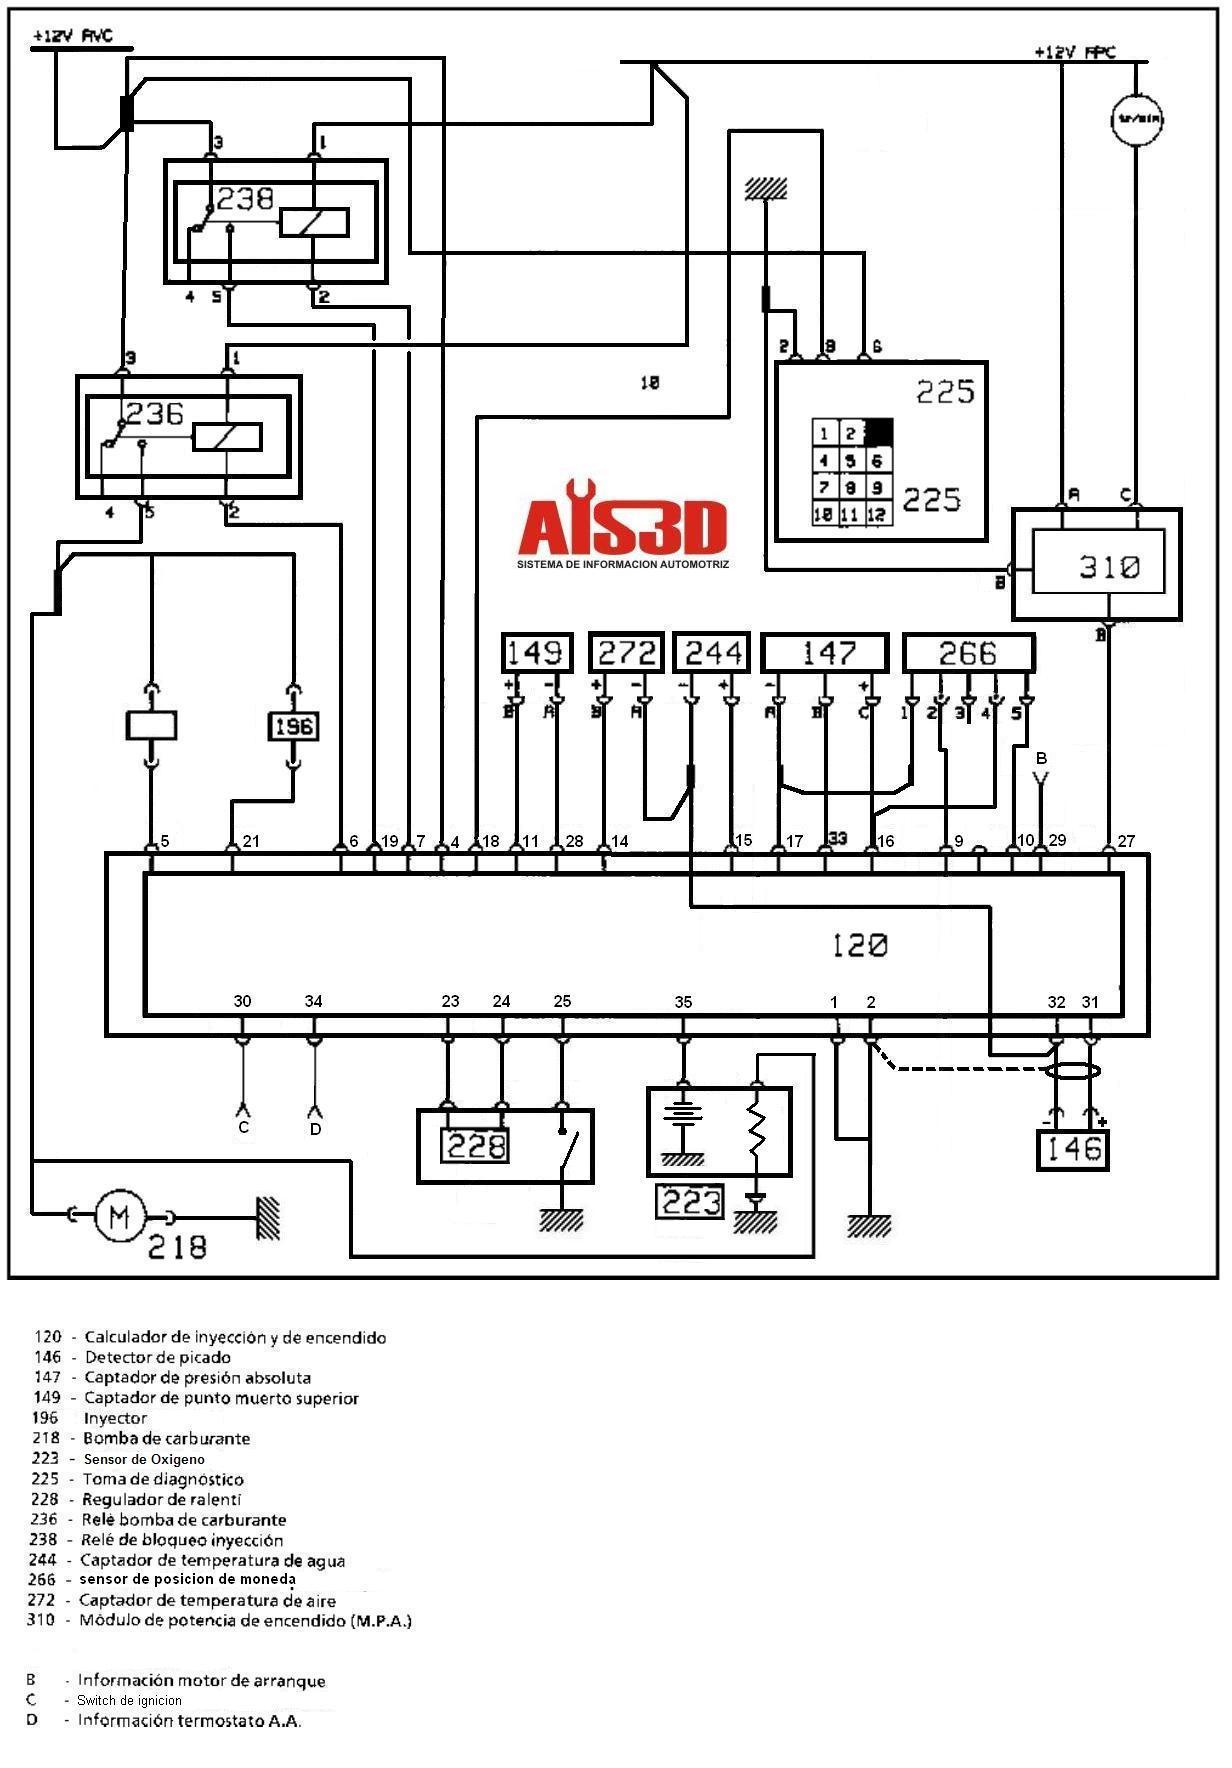 Diagrama De Cableado Motor Ais3d